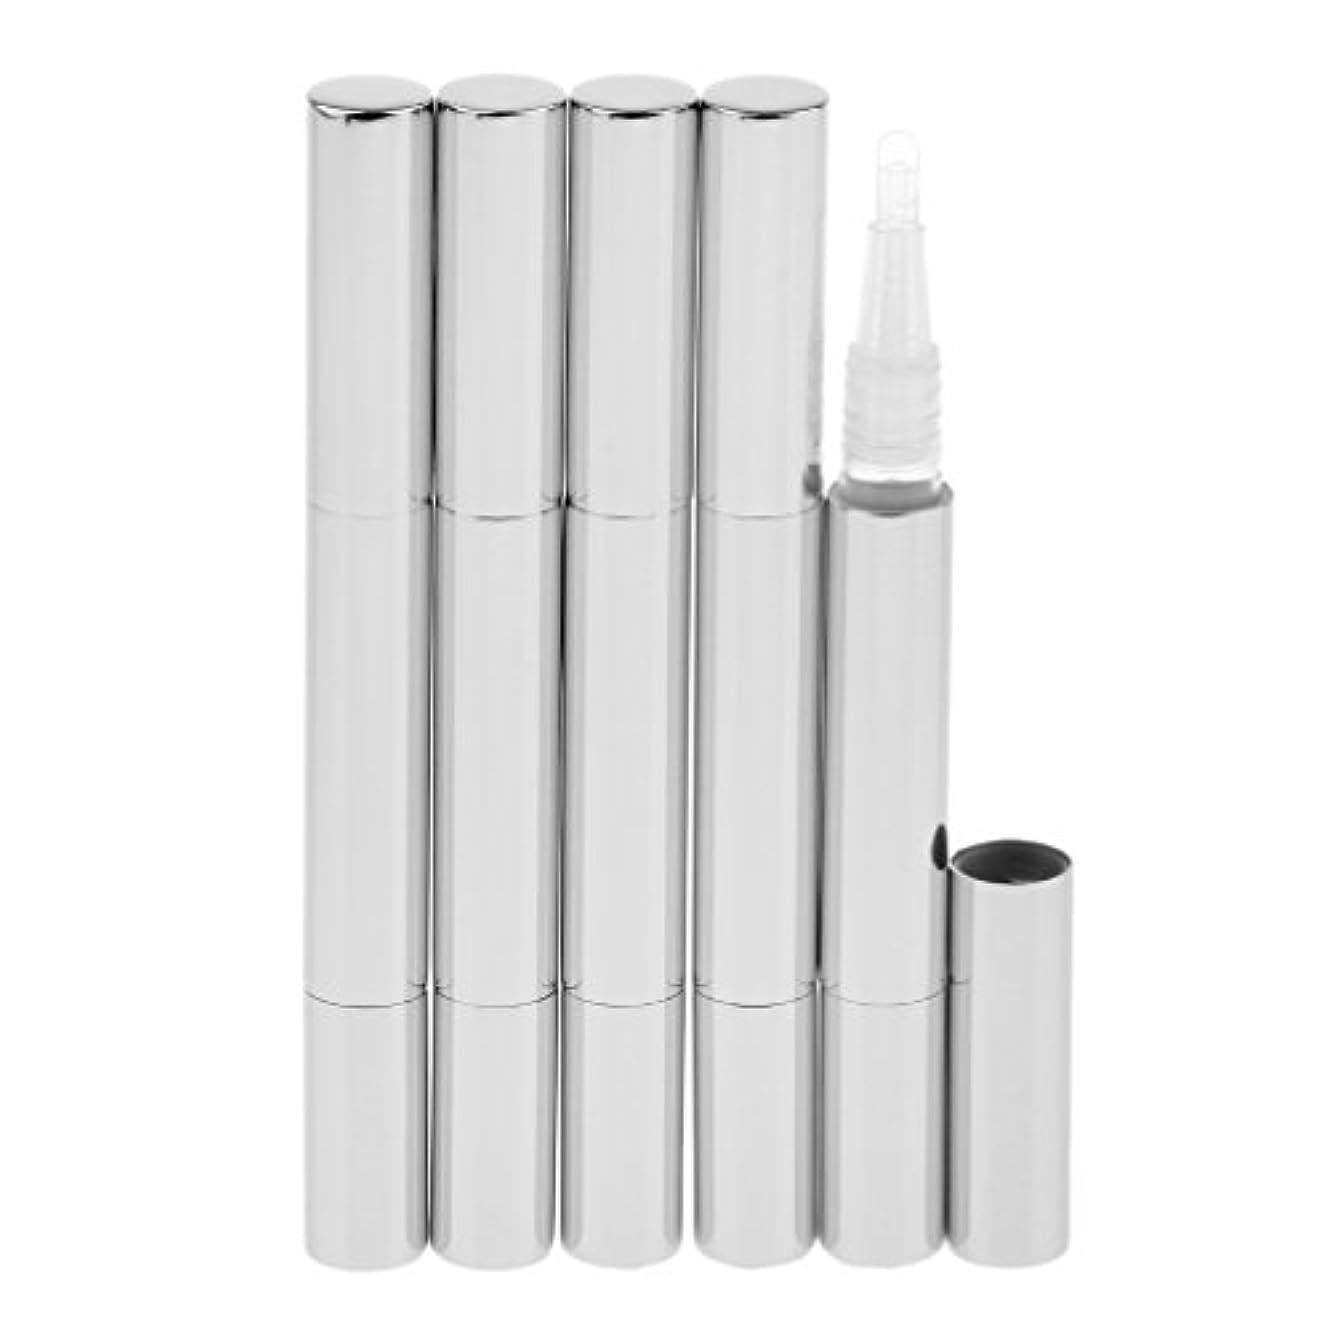 に頼る連隊フレッシュKesoto 5個 化粧品容器 空チューブ  3ml ネイルオイルペン リップグロスチューブ 旅行 化粧品コンテナ 5色選べる - 銀